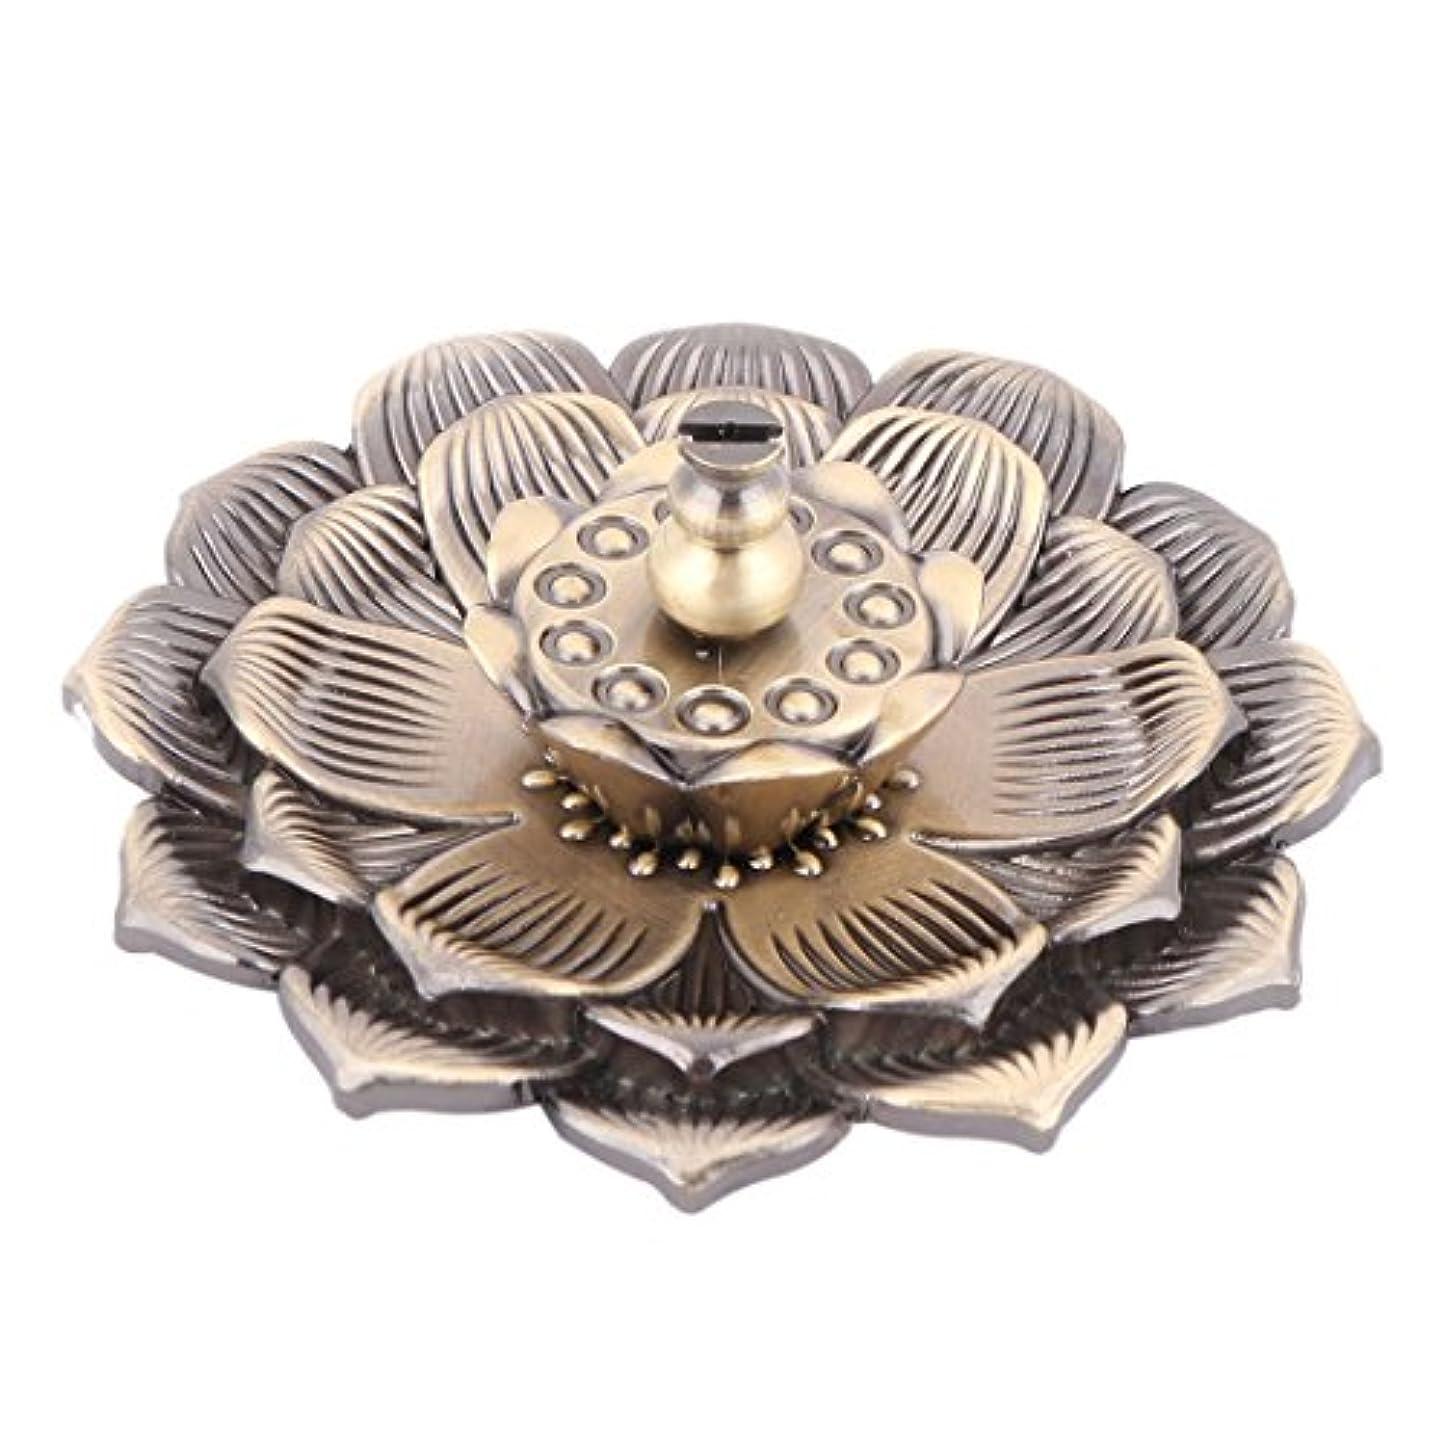 気まぐれな新鮮な擁するuxcell 香炉ホルダー お香立て インセンスホルダー 蓮 ロータス 花型 セット 金属製 家庭用 直径10cm ブロンズ